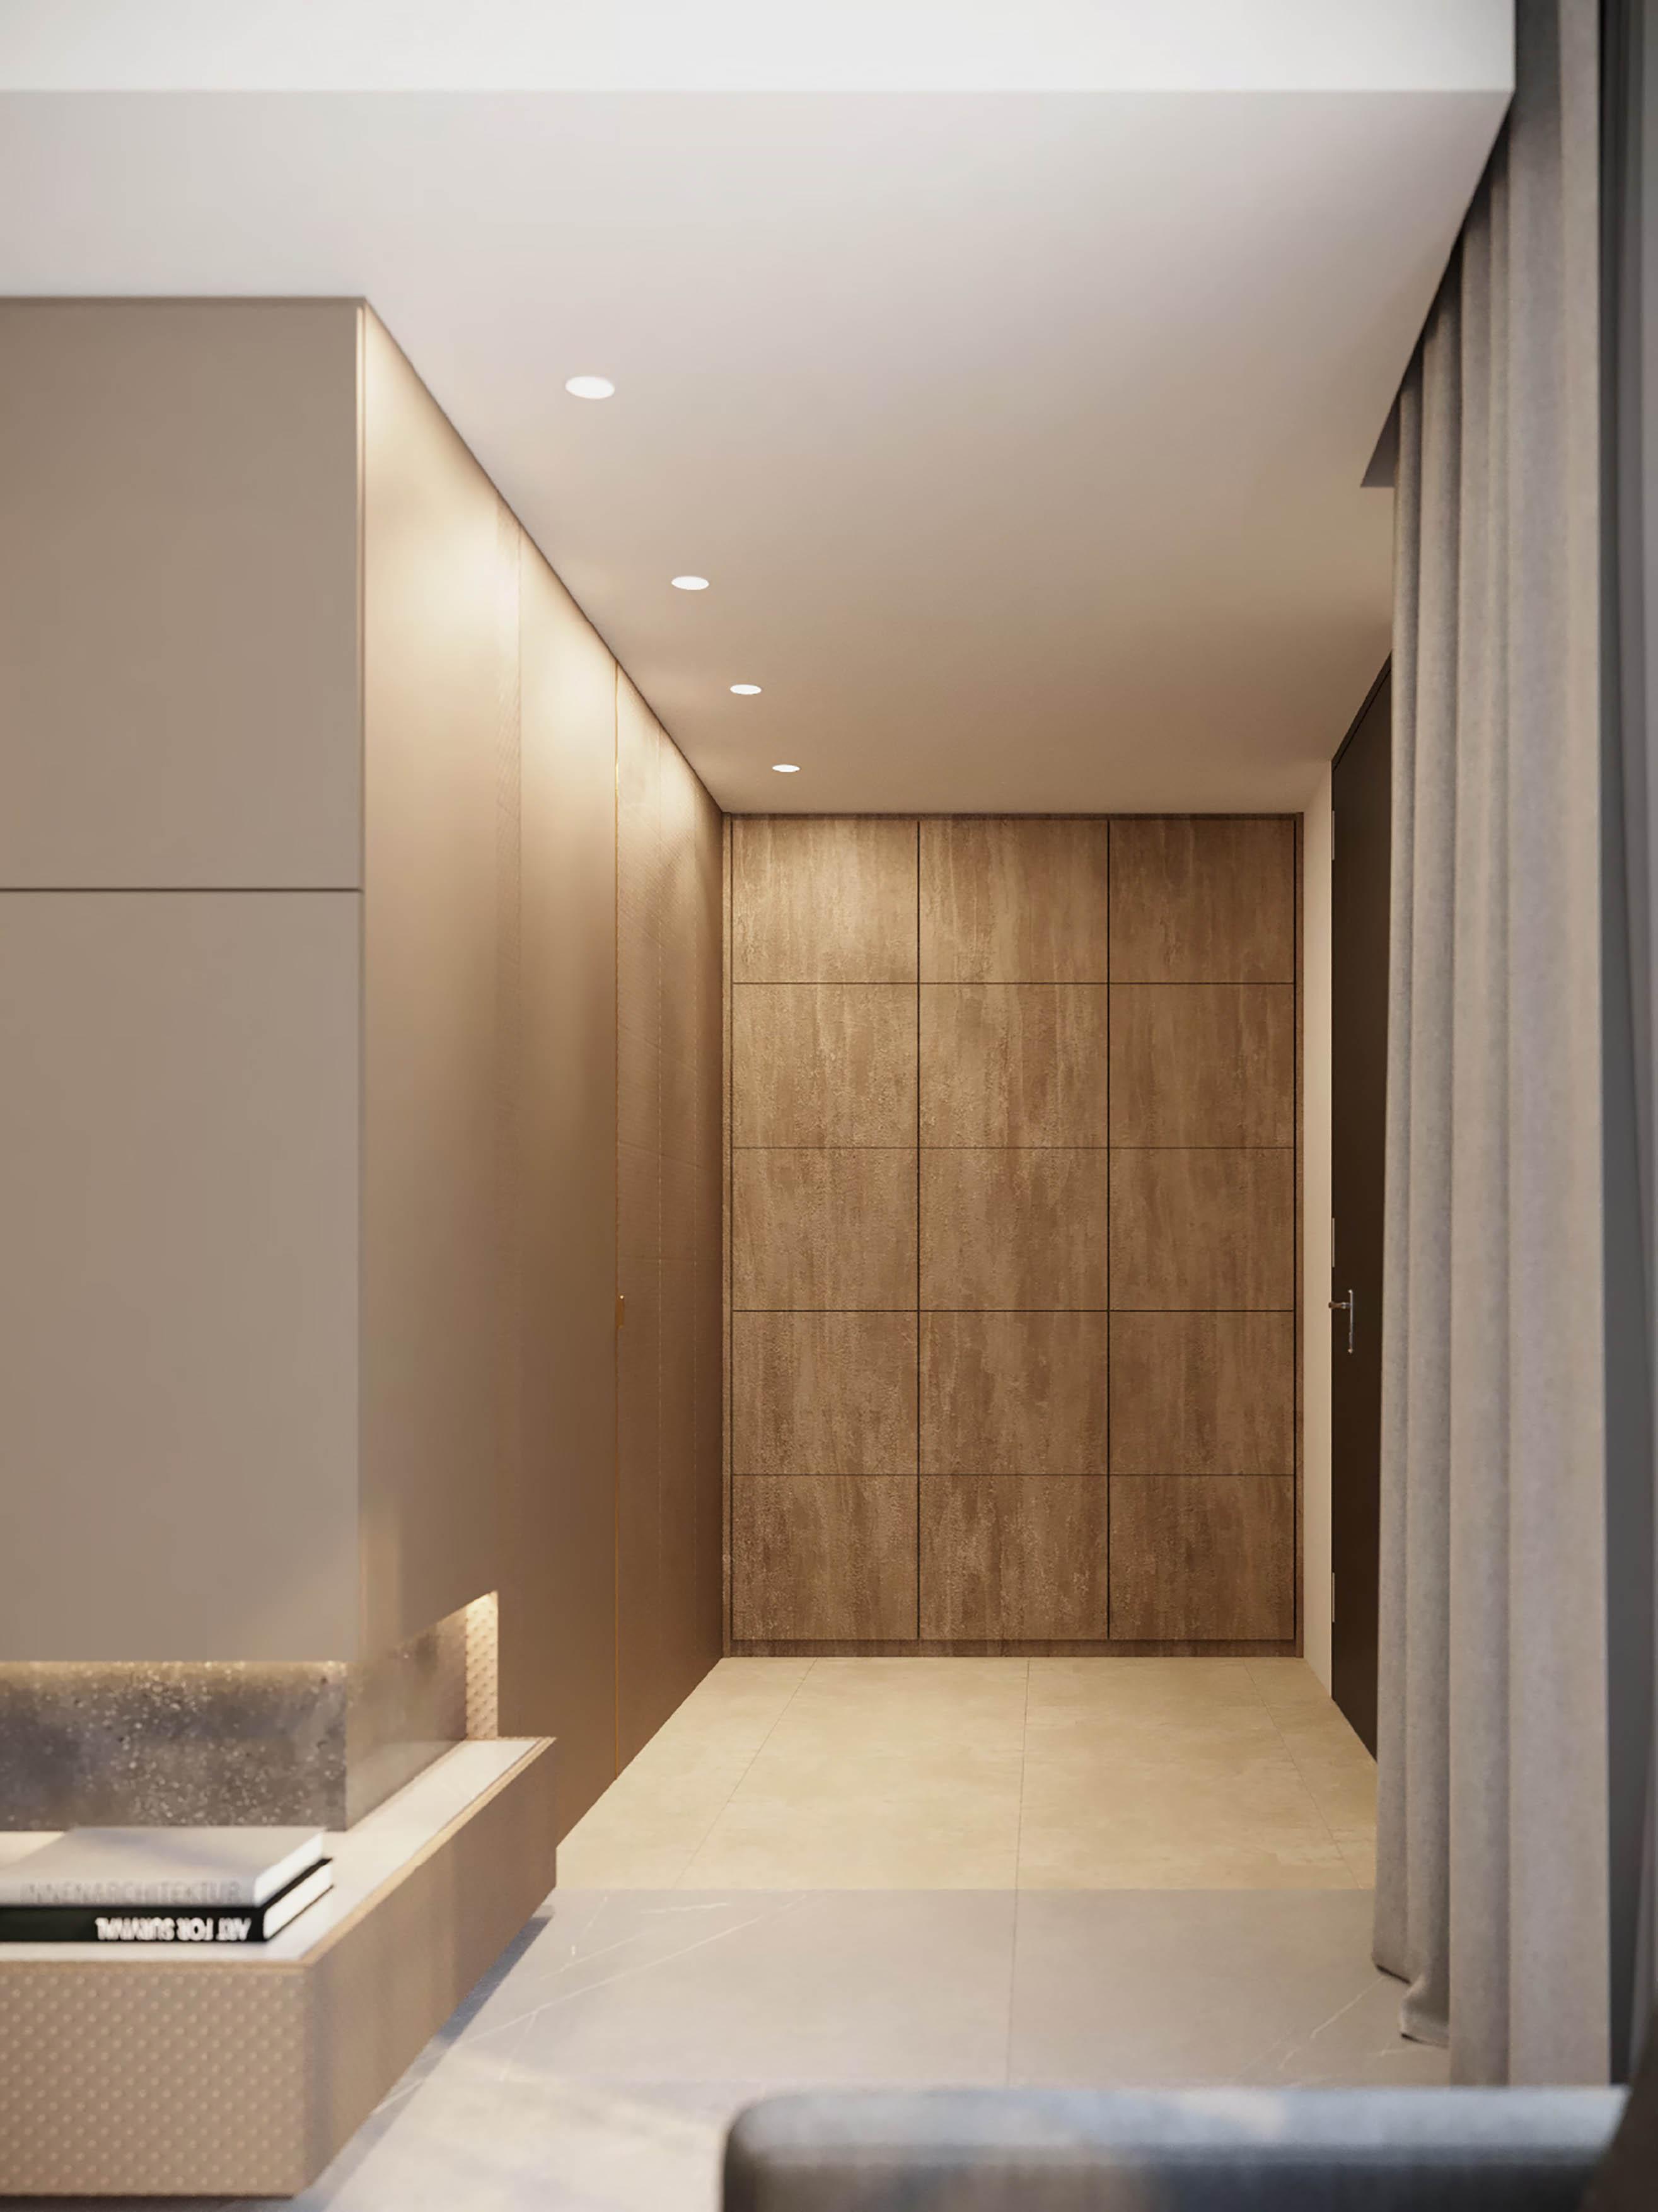 001 - 1st Foyer